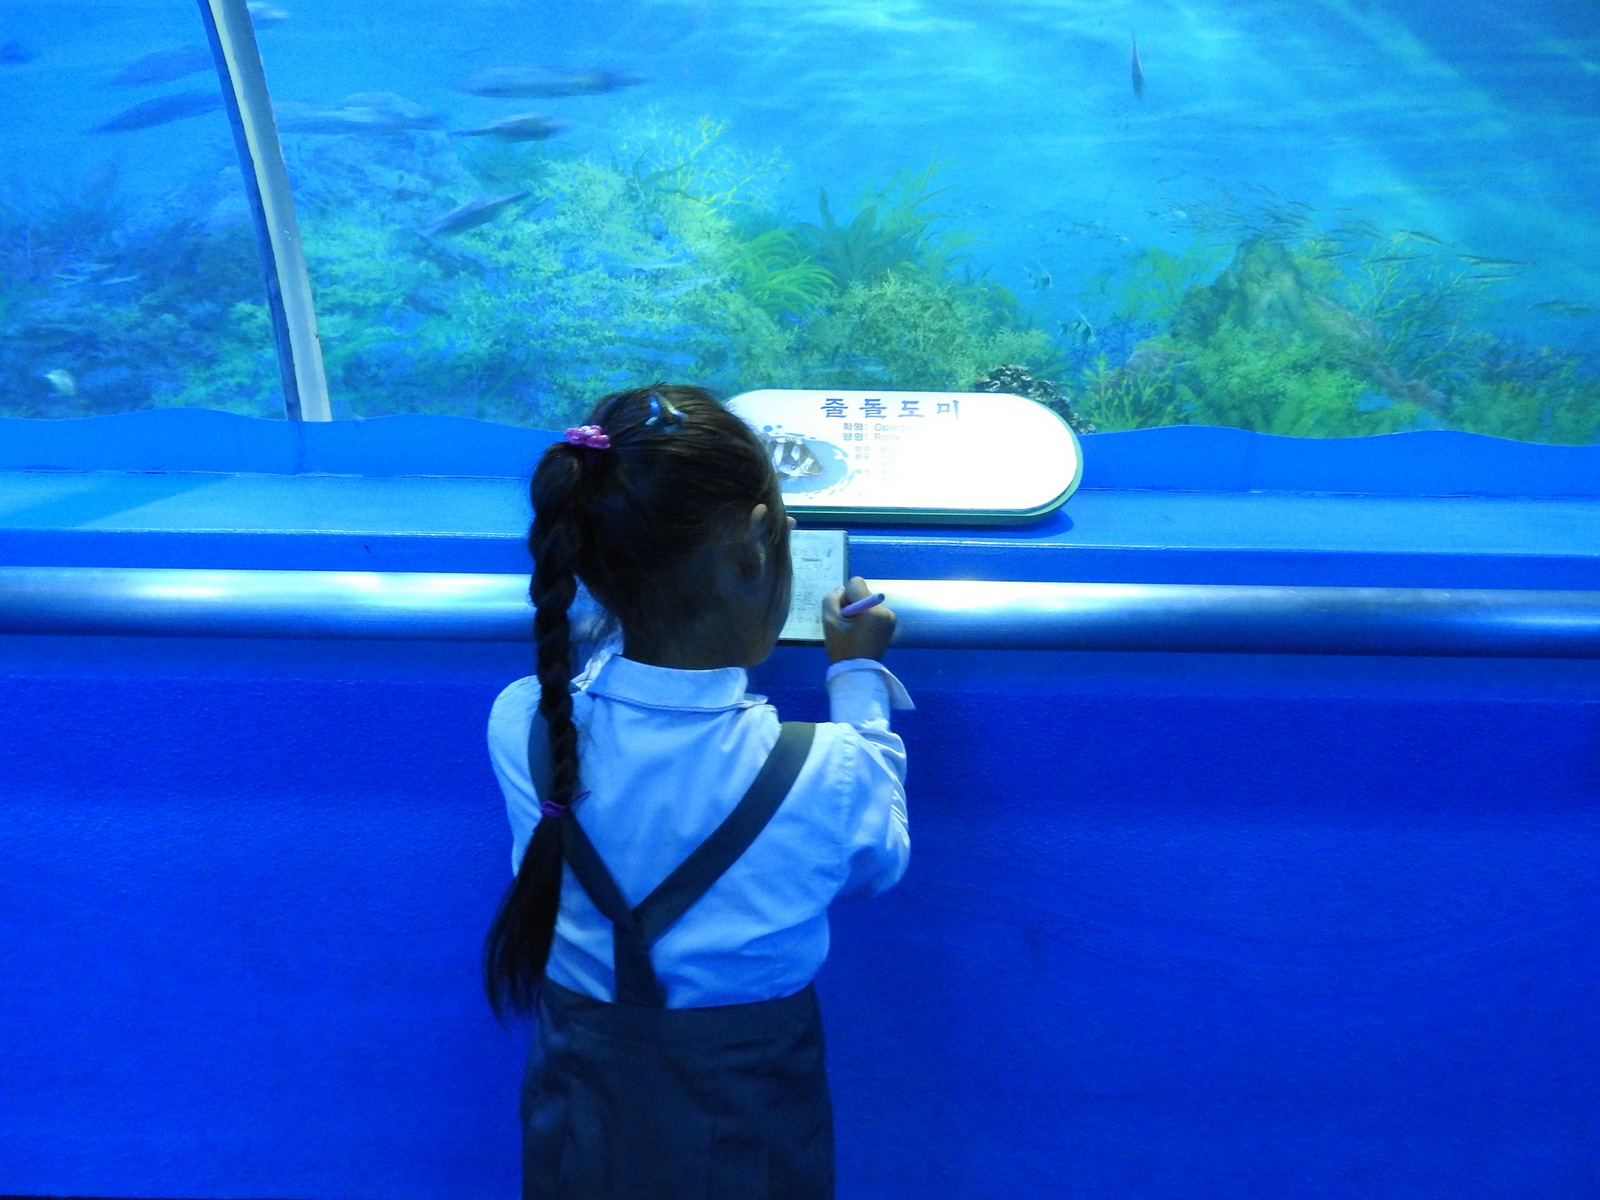 Μαθήτρια του δημοτικού, κατά τη διάρκεια επίσκεψης του σχολείου της στο ενυδρείο του Ζωολογικού Κήπου της Πιονγιάνγκ.